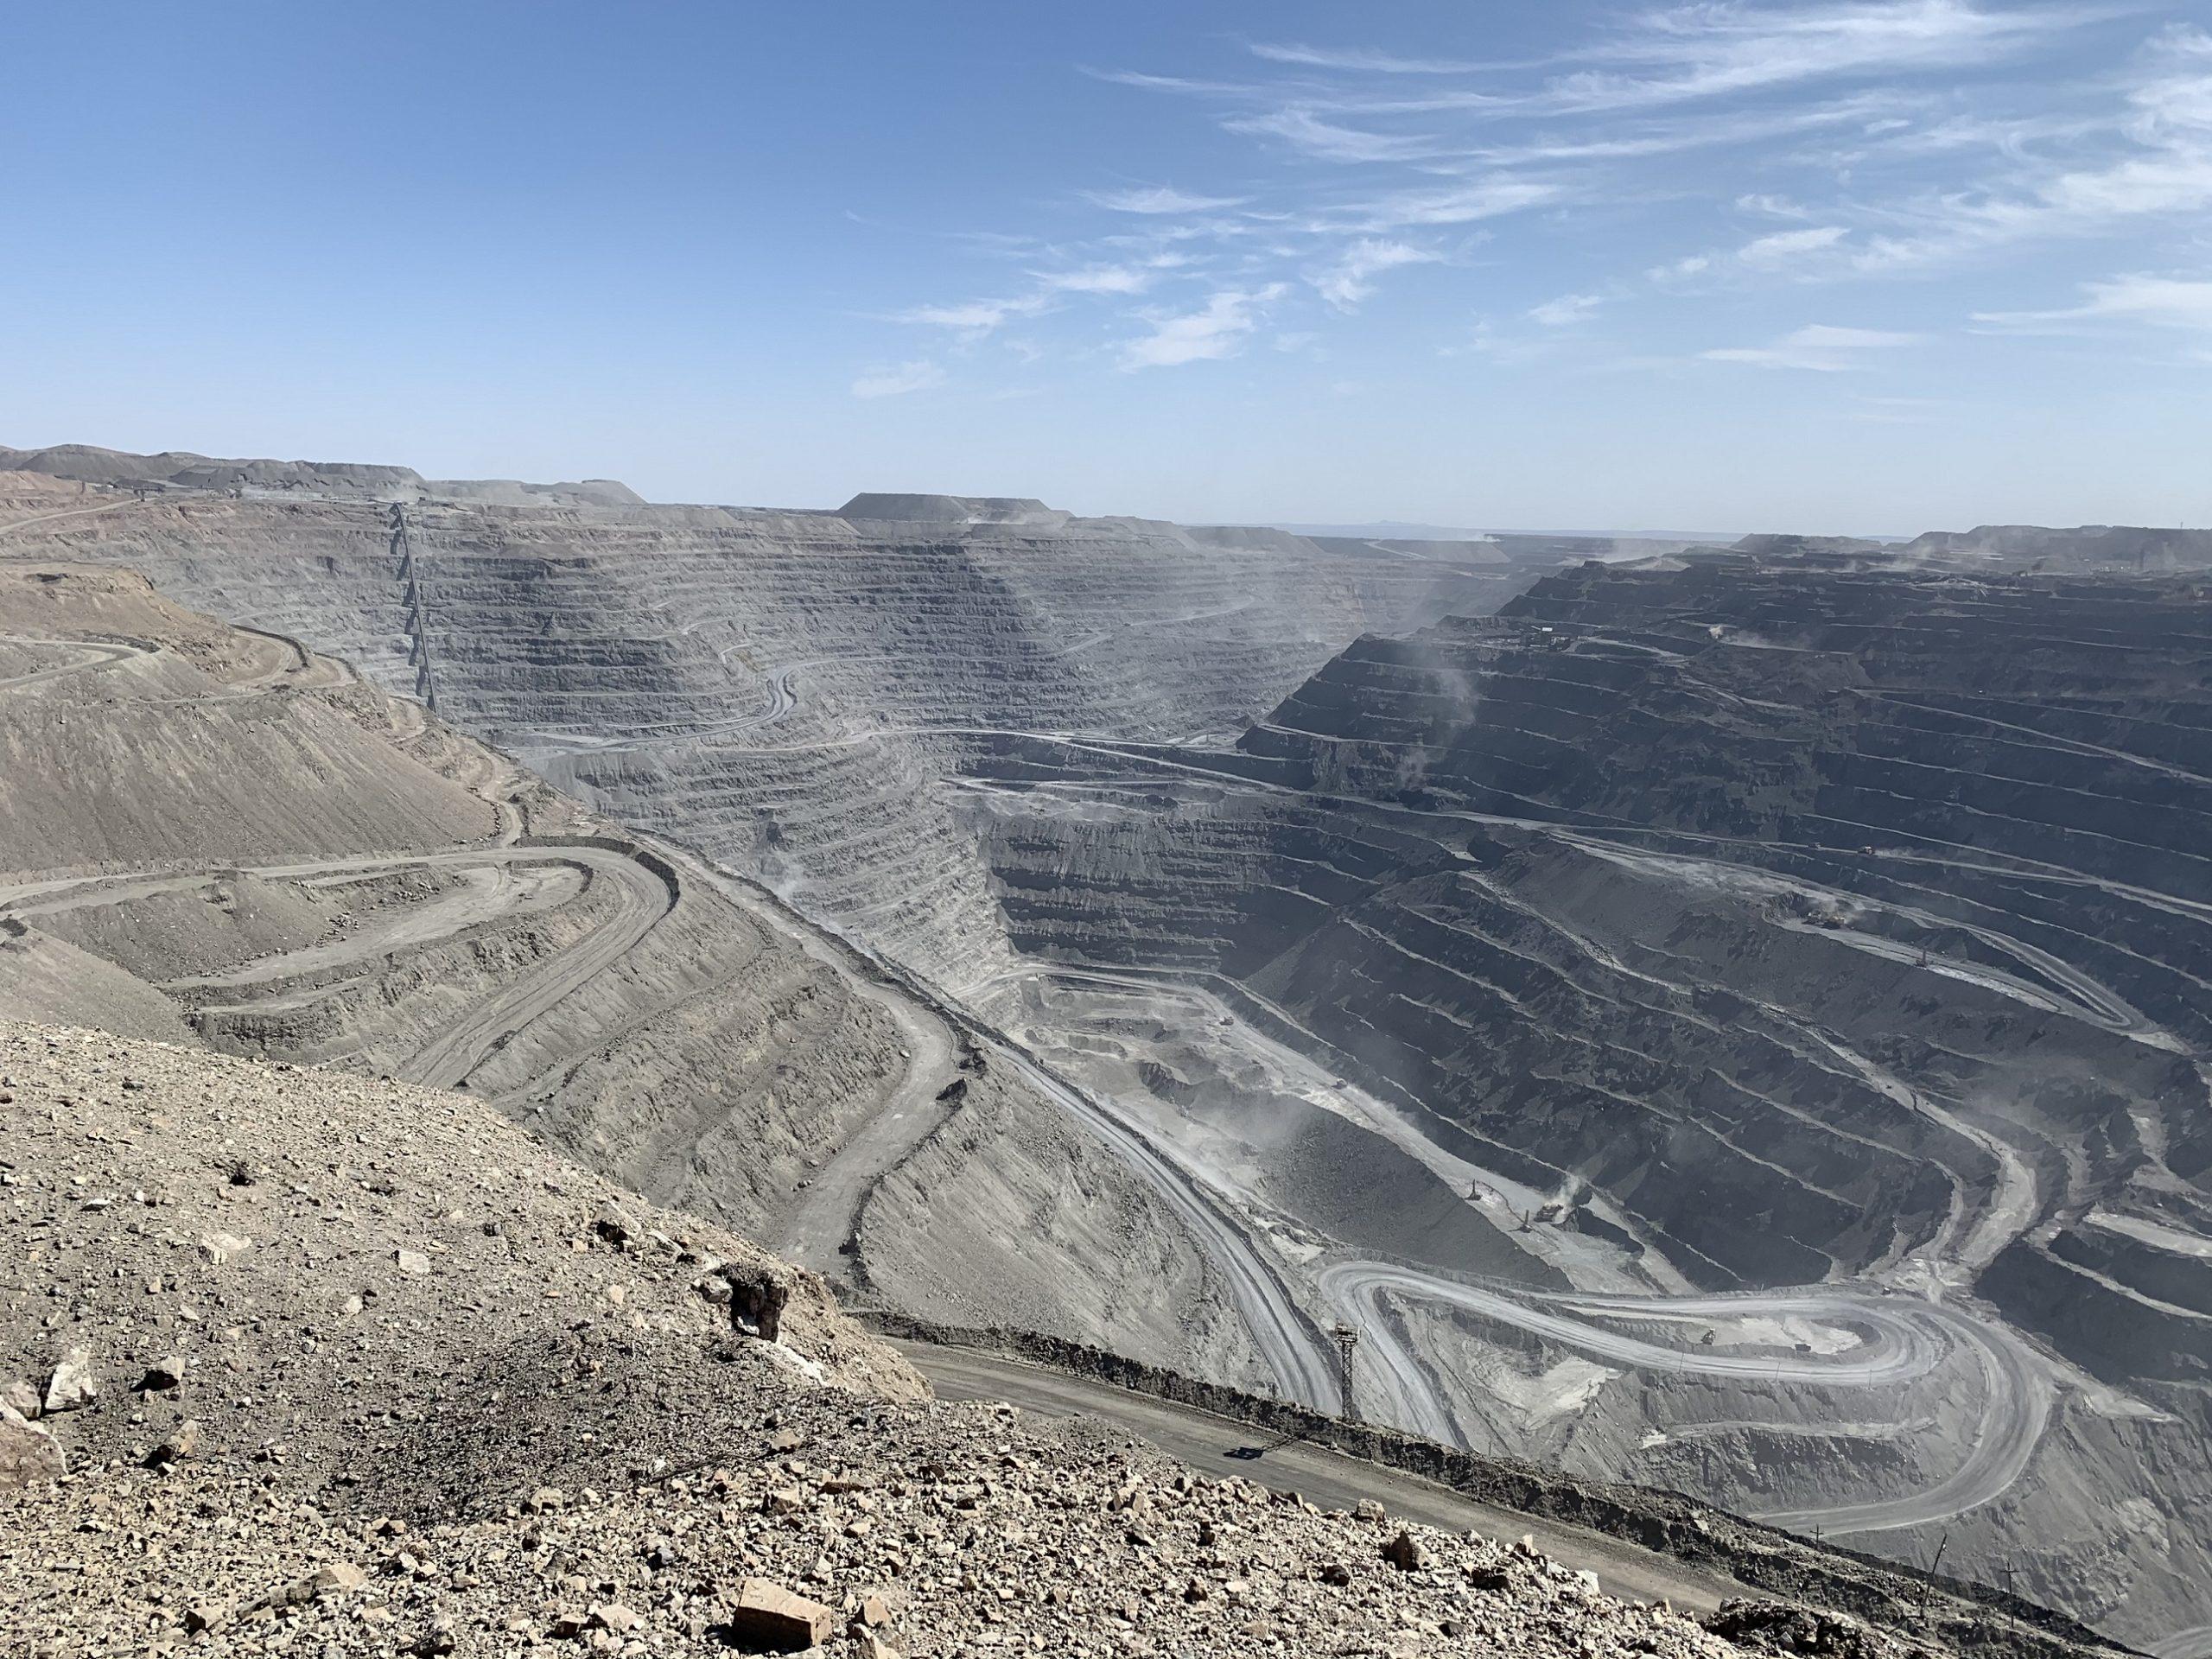 В Узбекистане могут выставить на продажу 10-15% НГМК